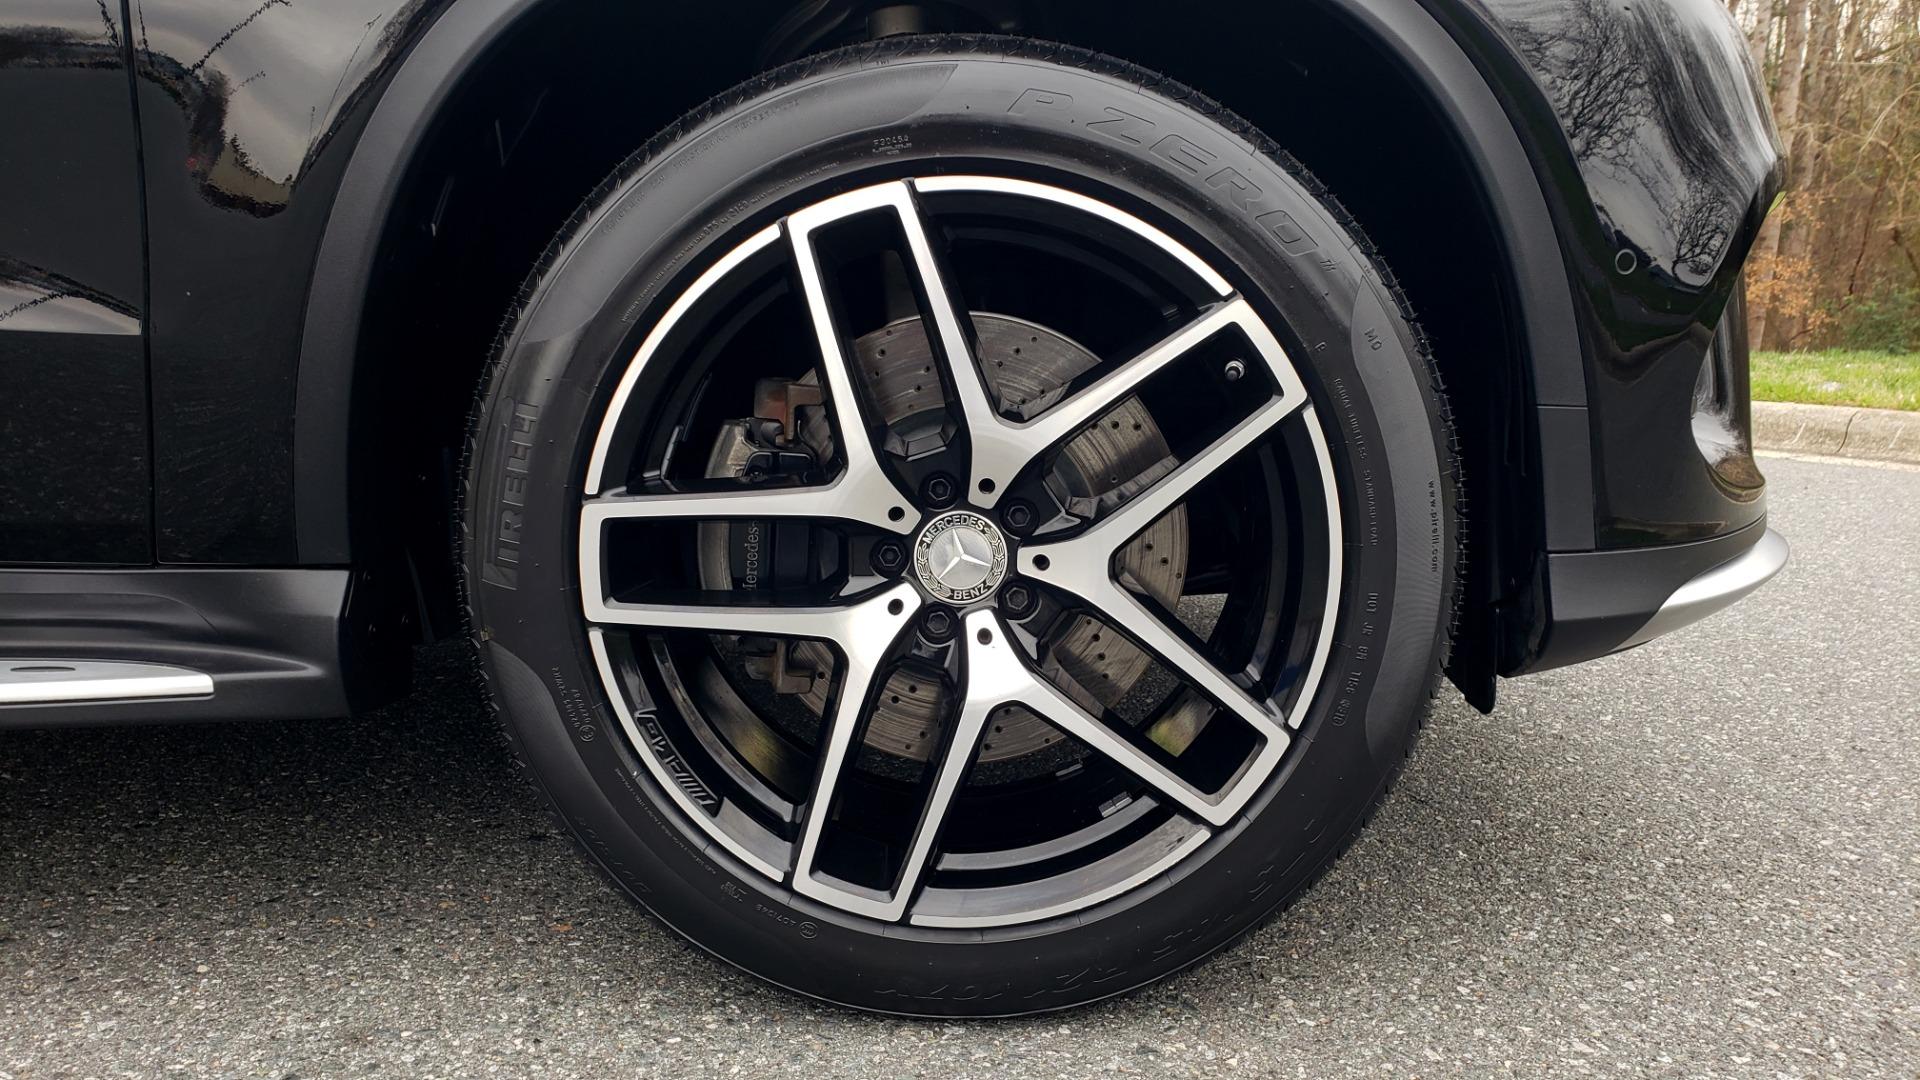 Used 2016 Mercedes-Benz GLE 450 AMG / AWD / PREM PKG / PARK ASST / DRVR ASST / SUNROOF for sale Sold at Formula Imports in Charlotte NC 28227 89